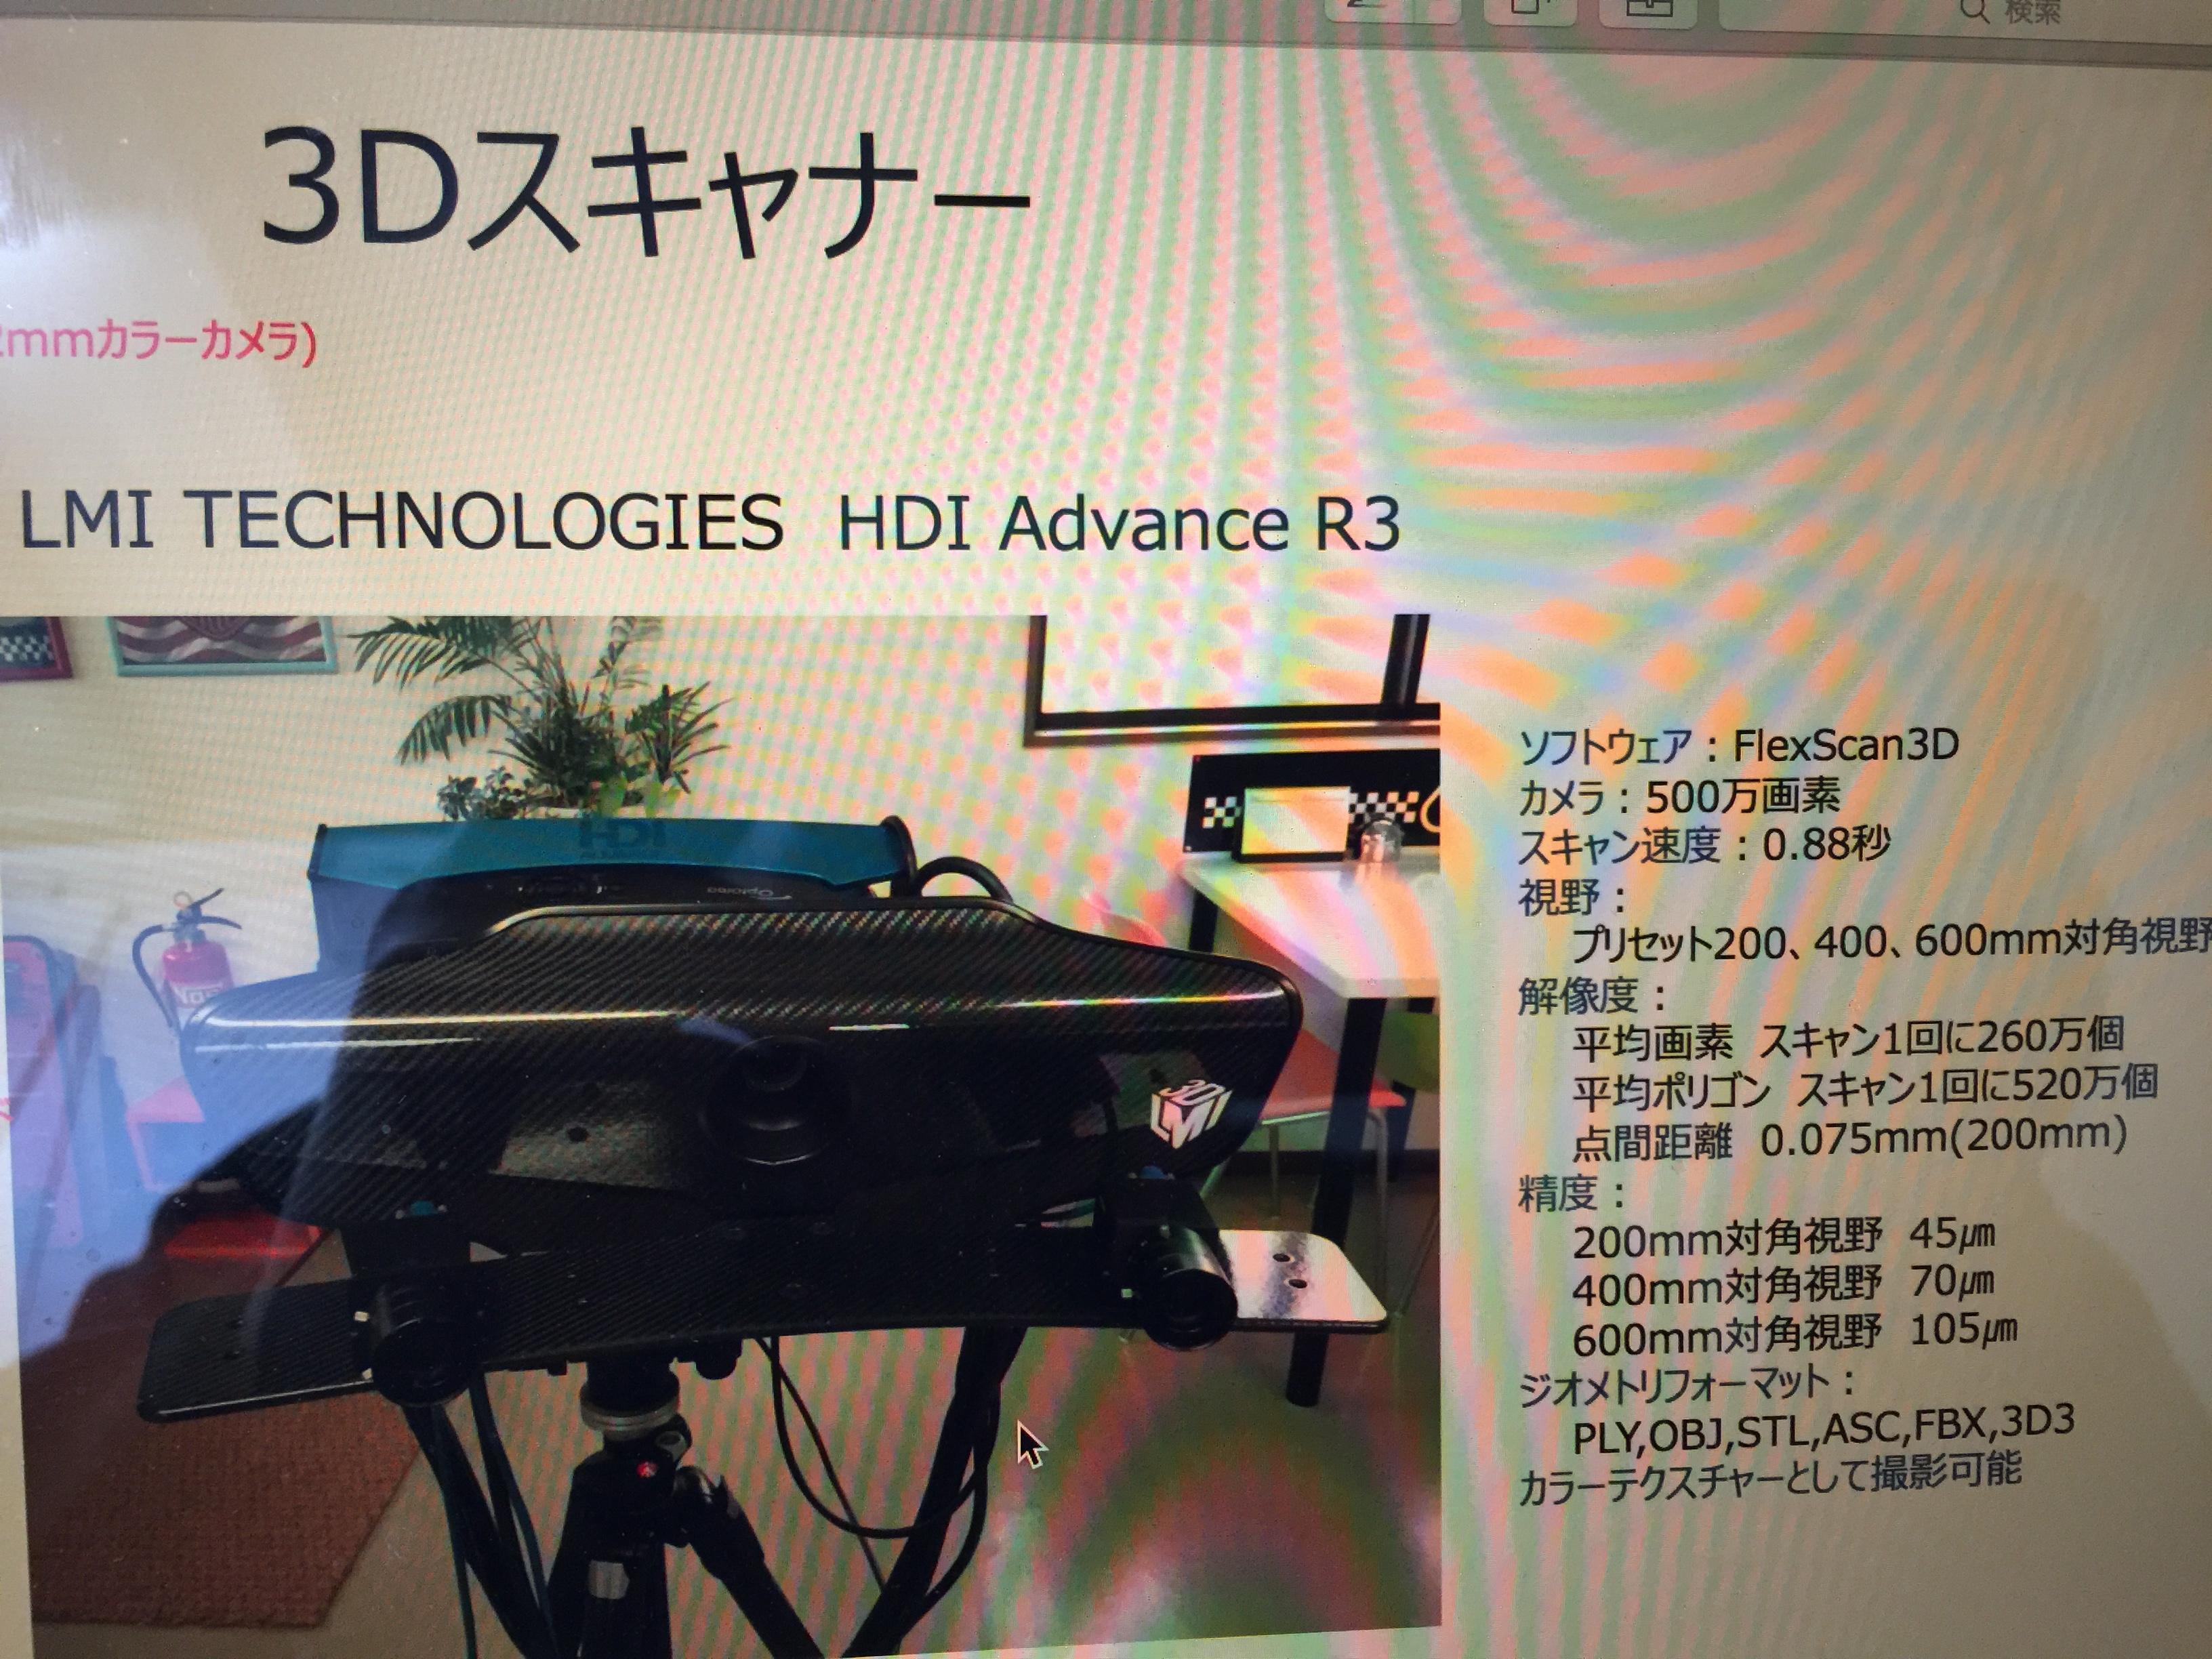 3Dスキャナー 資料PDF